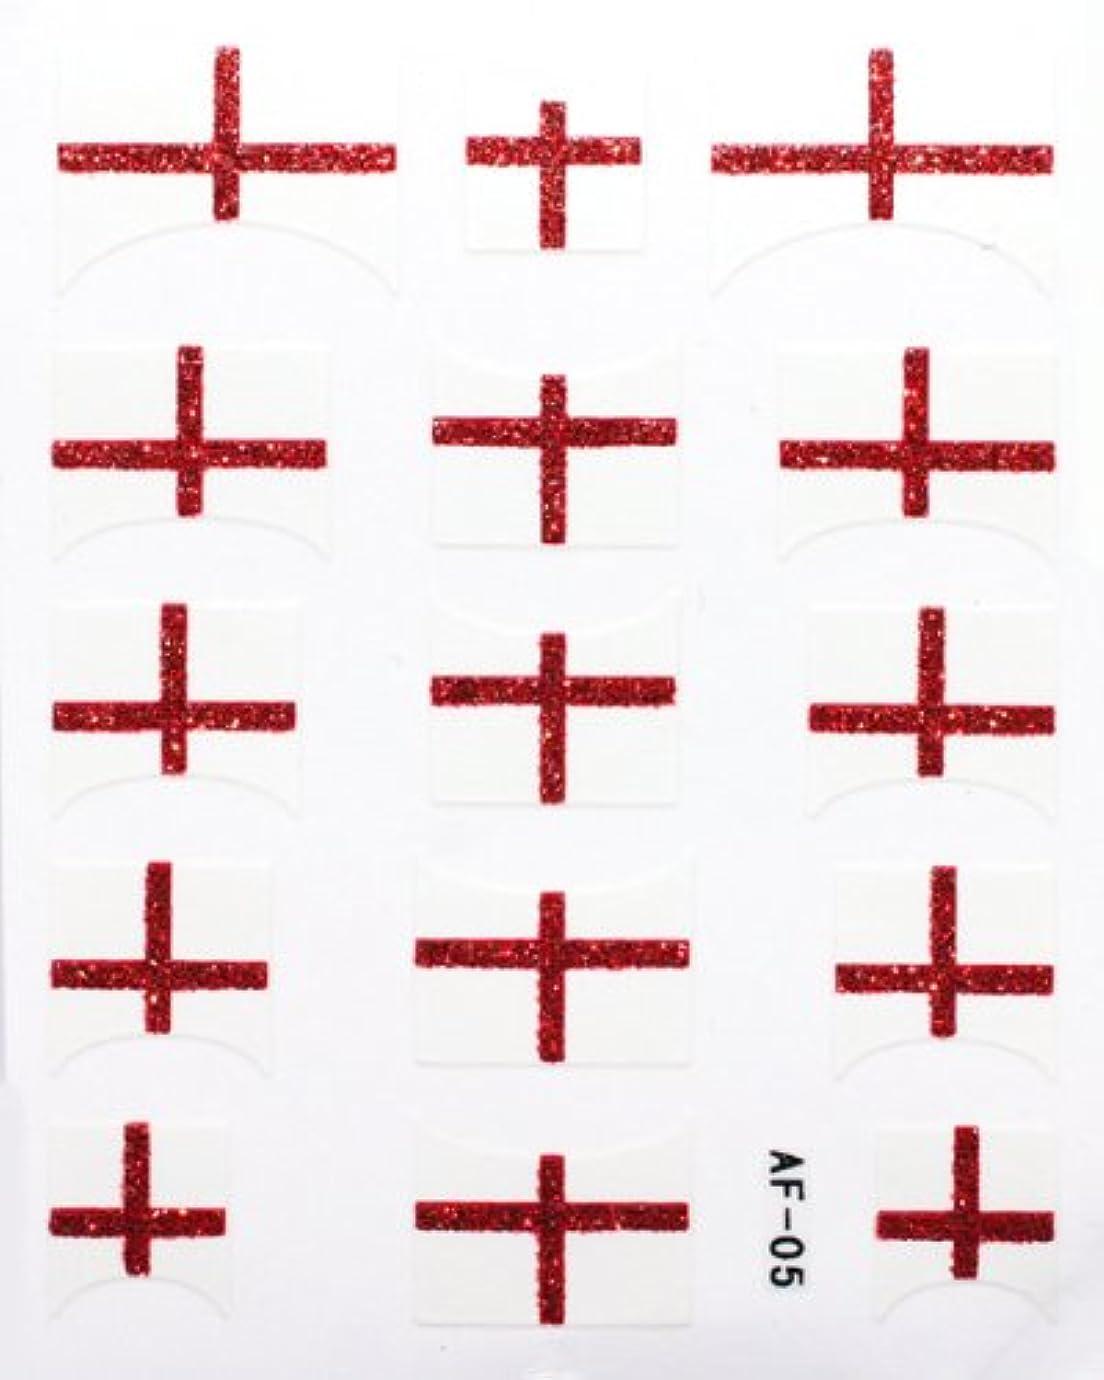 想像力スペクトラム故障中きらきら逆フレンチネイルシール イングランド国旗 AF05 貼るだけ ジェルネイルアート